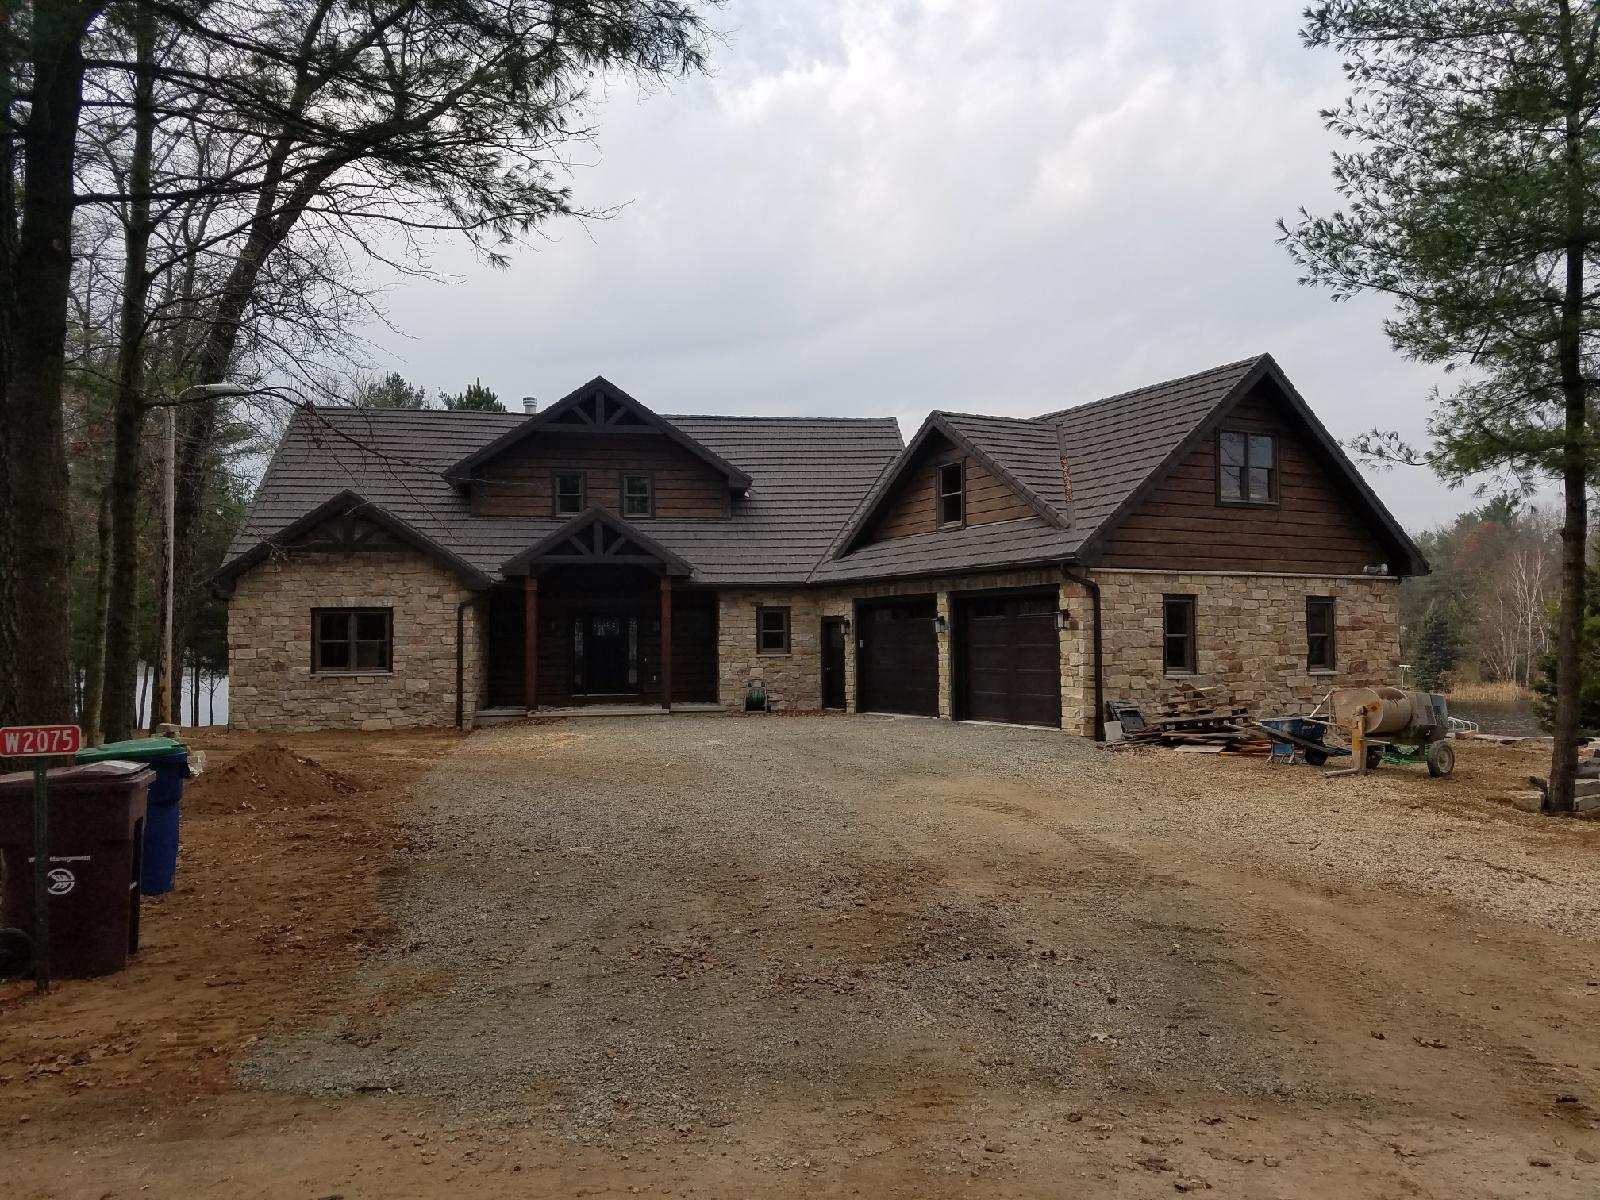 Wisconsin Roofing LLC | Menomonee Falls | Residential | Metal Roof